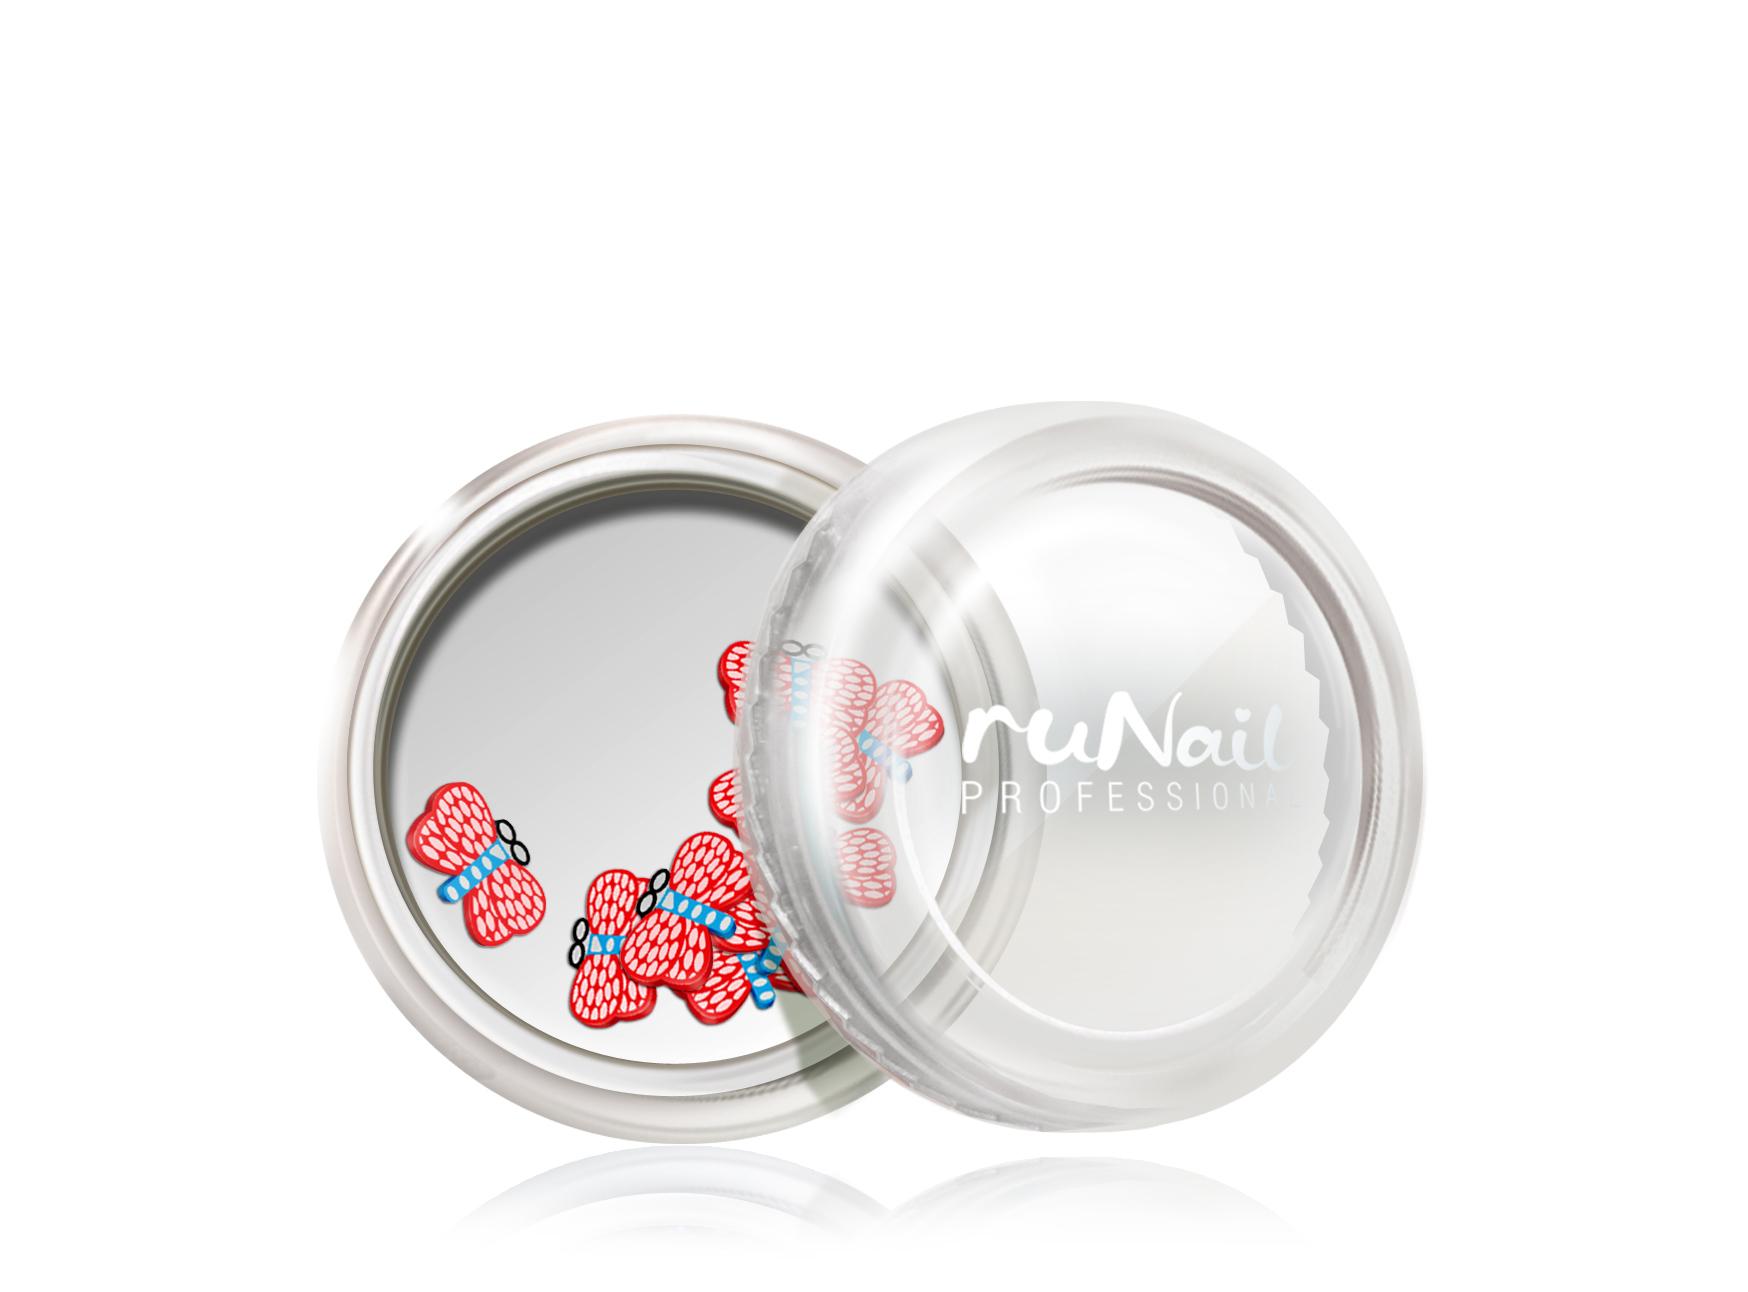 Дизайн для ногтей: резиновые аппликации (стрекоза, цвет: красно-голубой) №0696